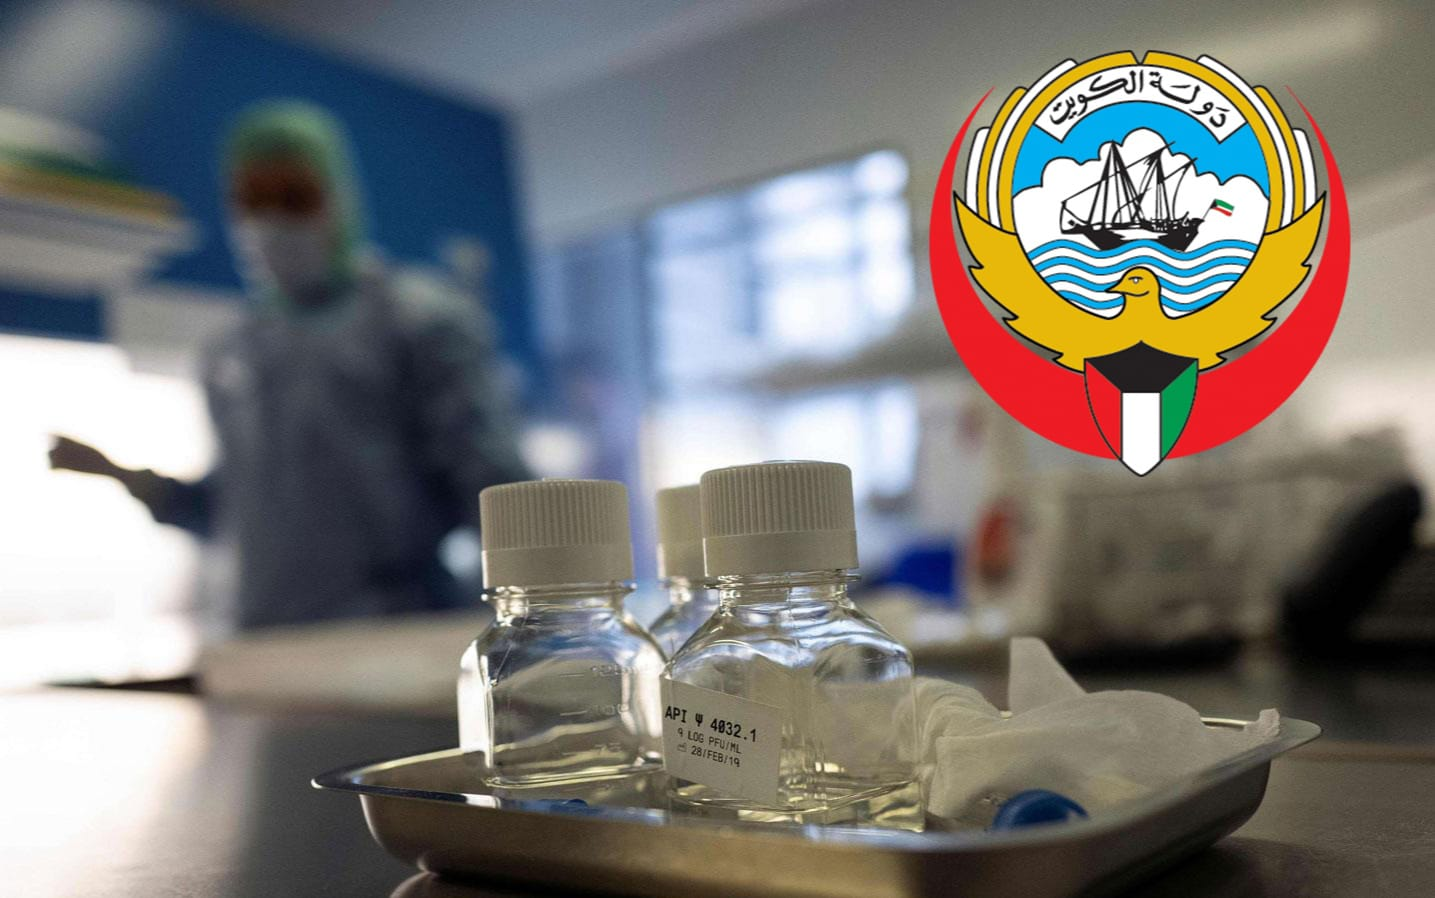 ٢٠٢١٠٧١٠ ١٩٣٦٥٥ - #الصحة: 11 وفاة و1555 إصابة جديدة ب #كورونا.     #العبدلي_نيوز